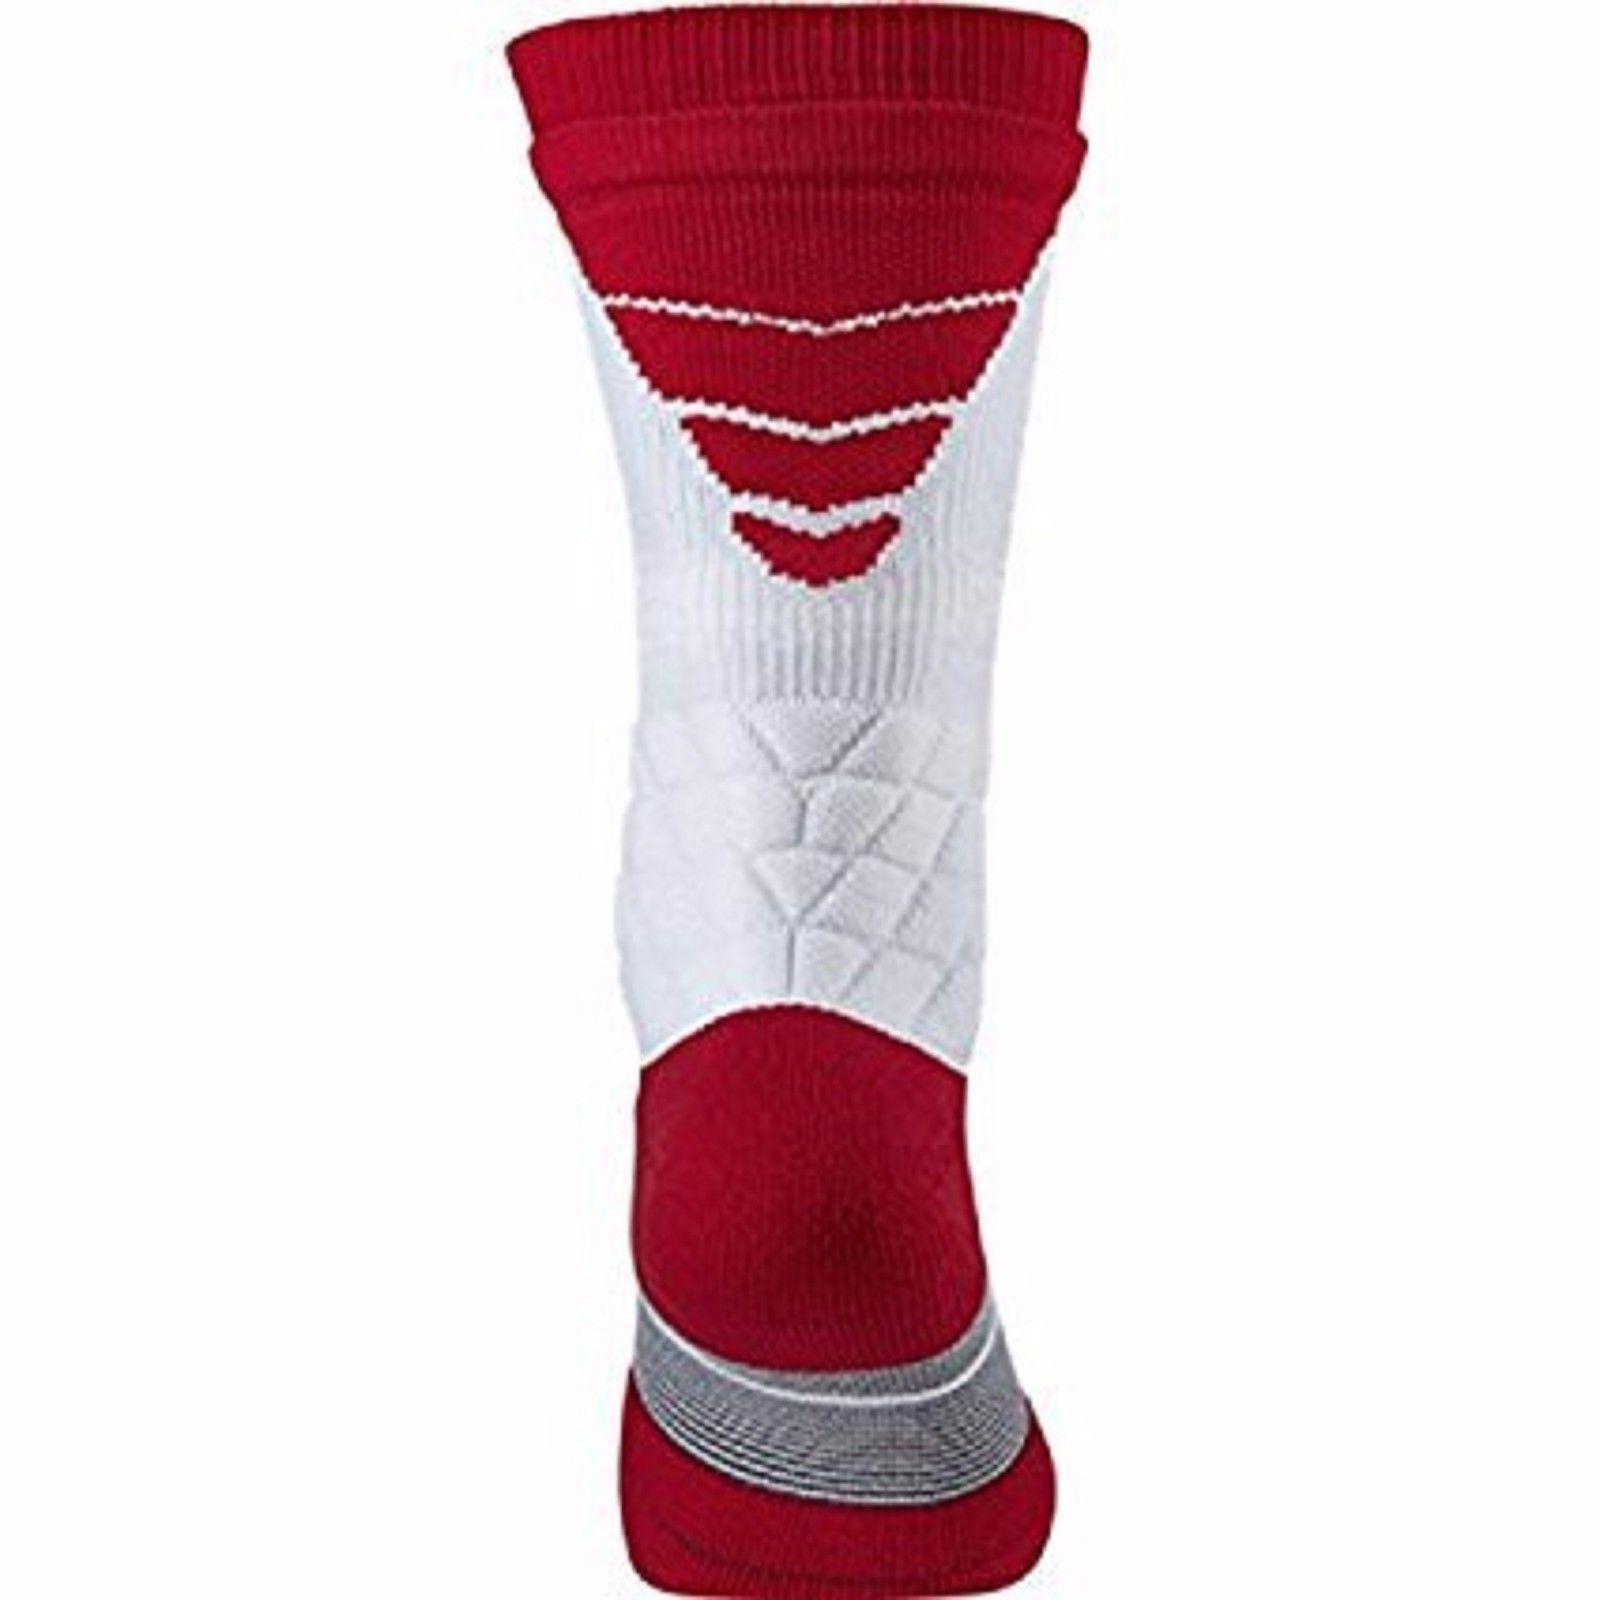 NEW Nike Men's Vapor Cushioned Socks Various PSX